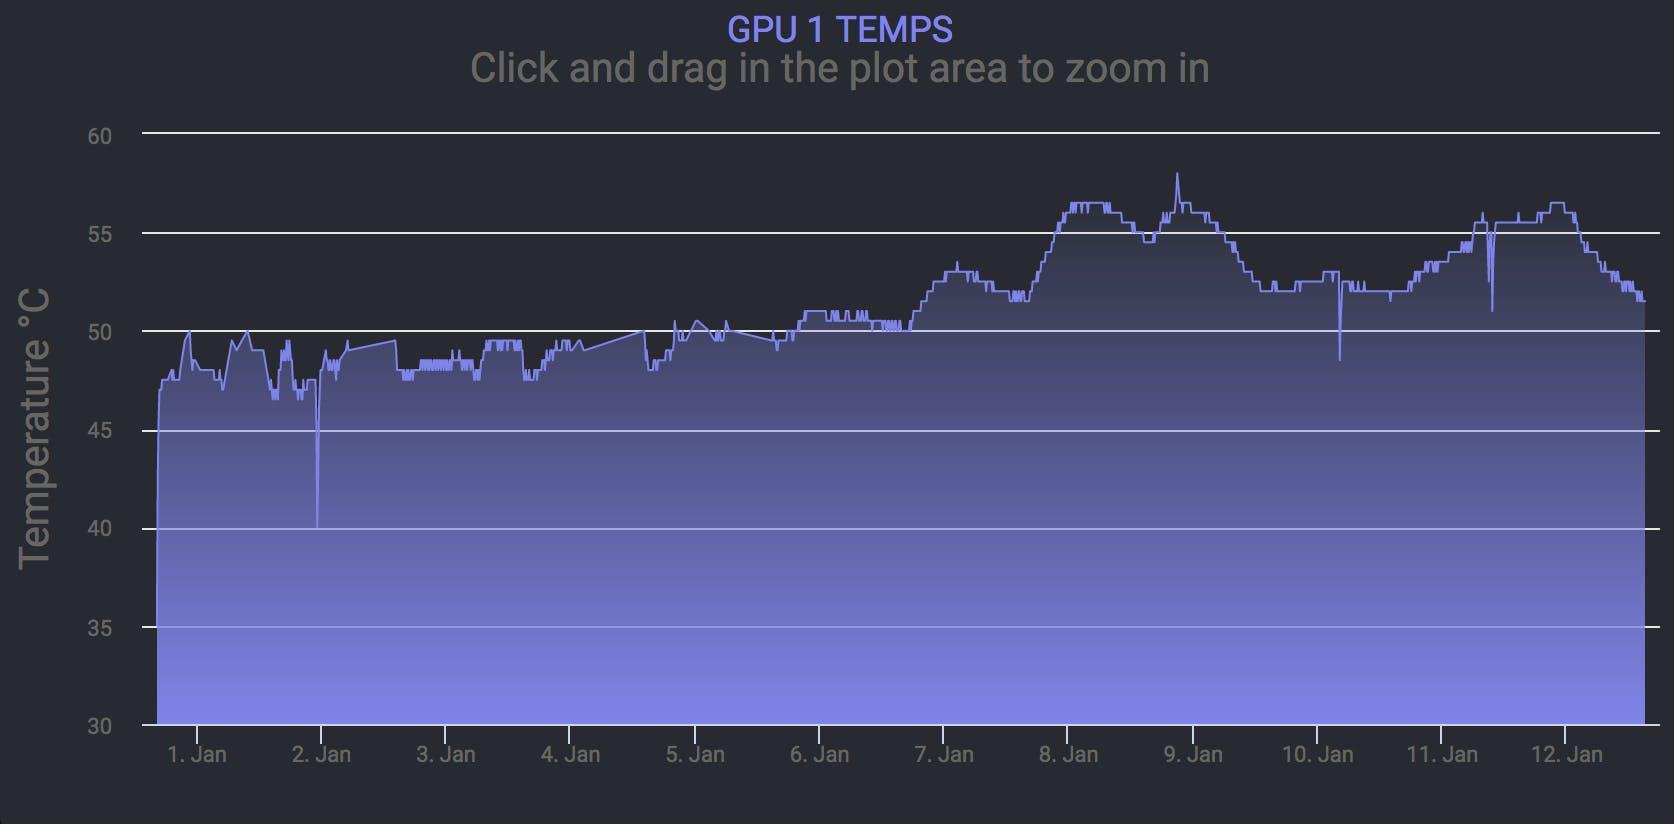 Historic Data GPU 1